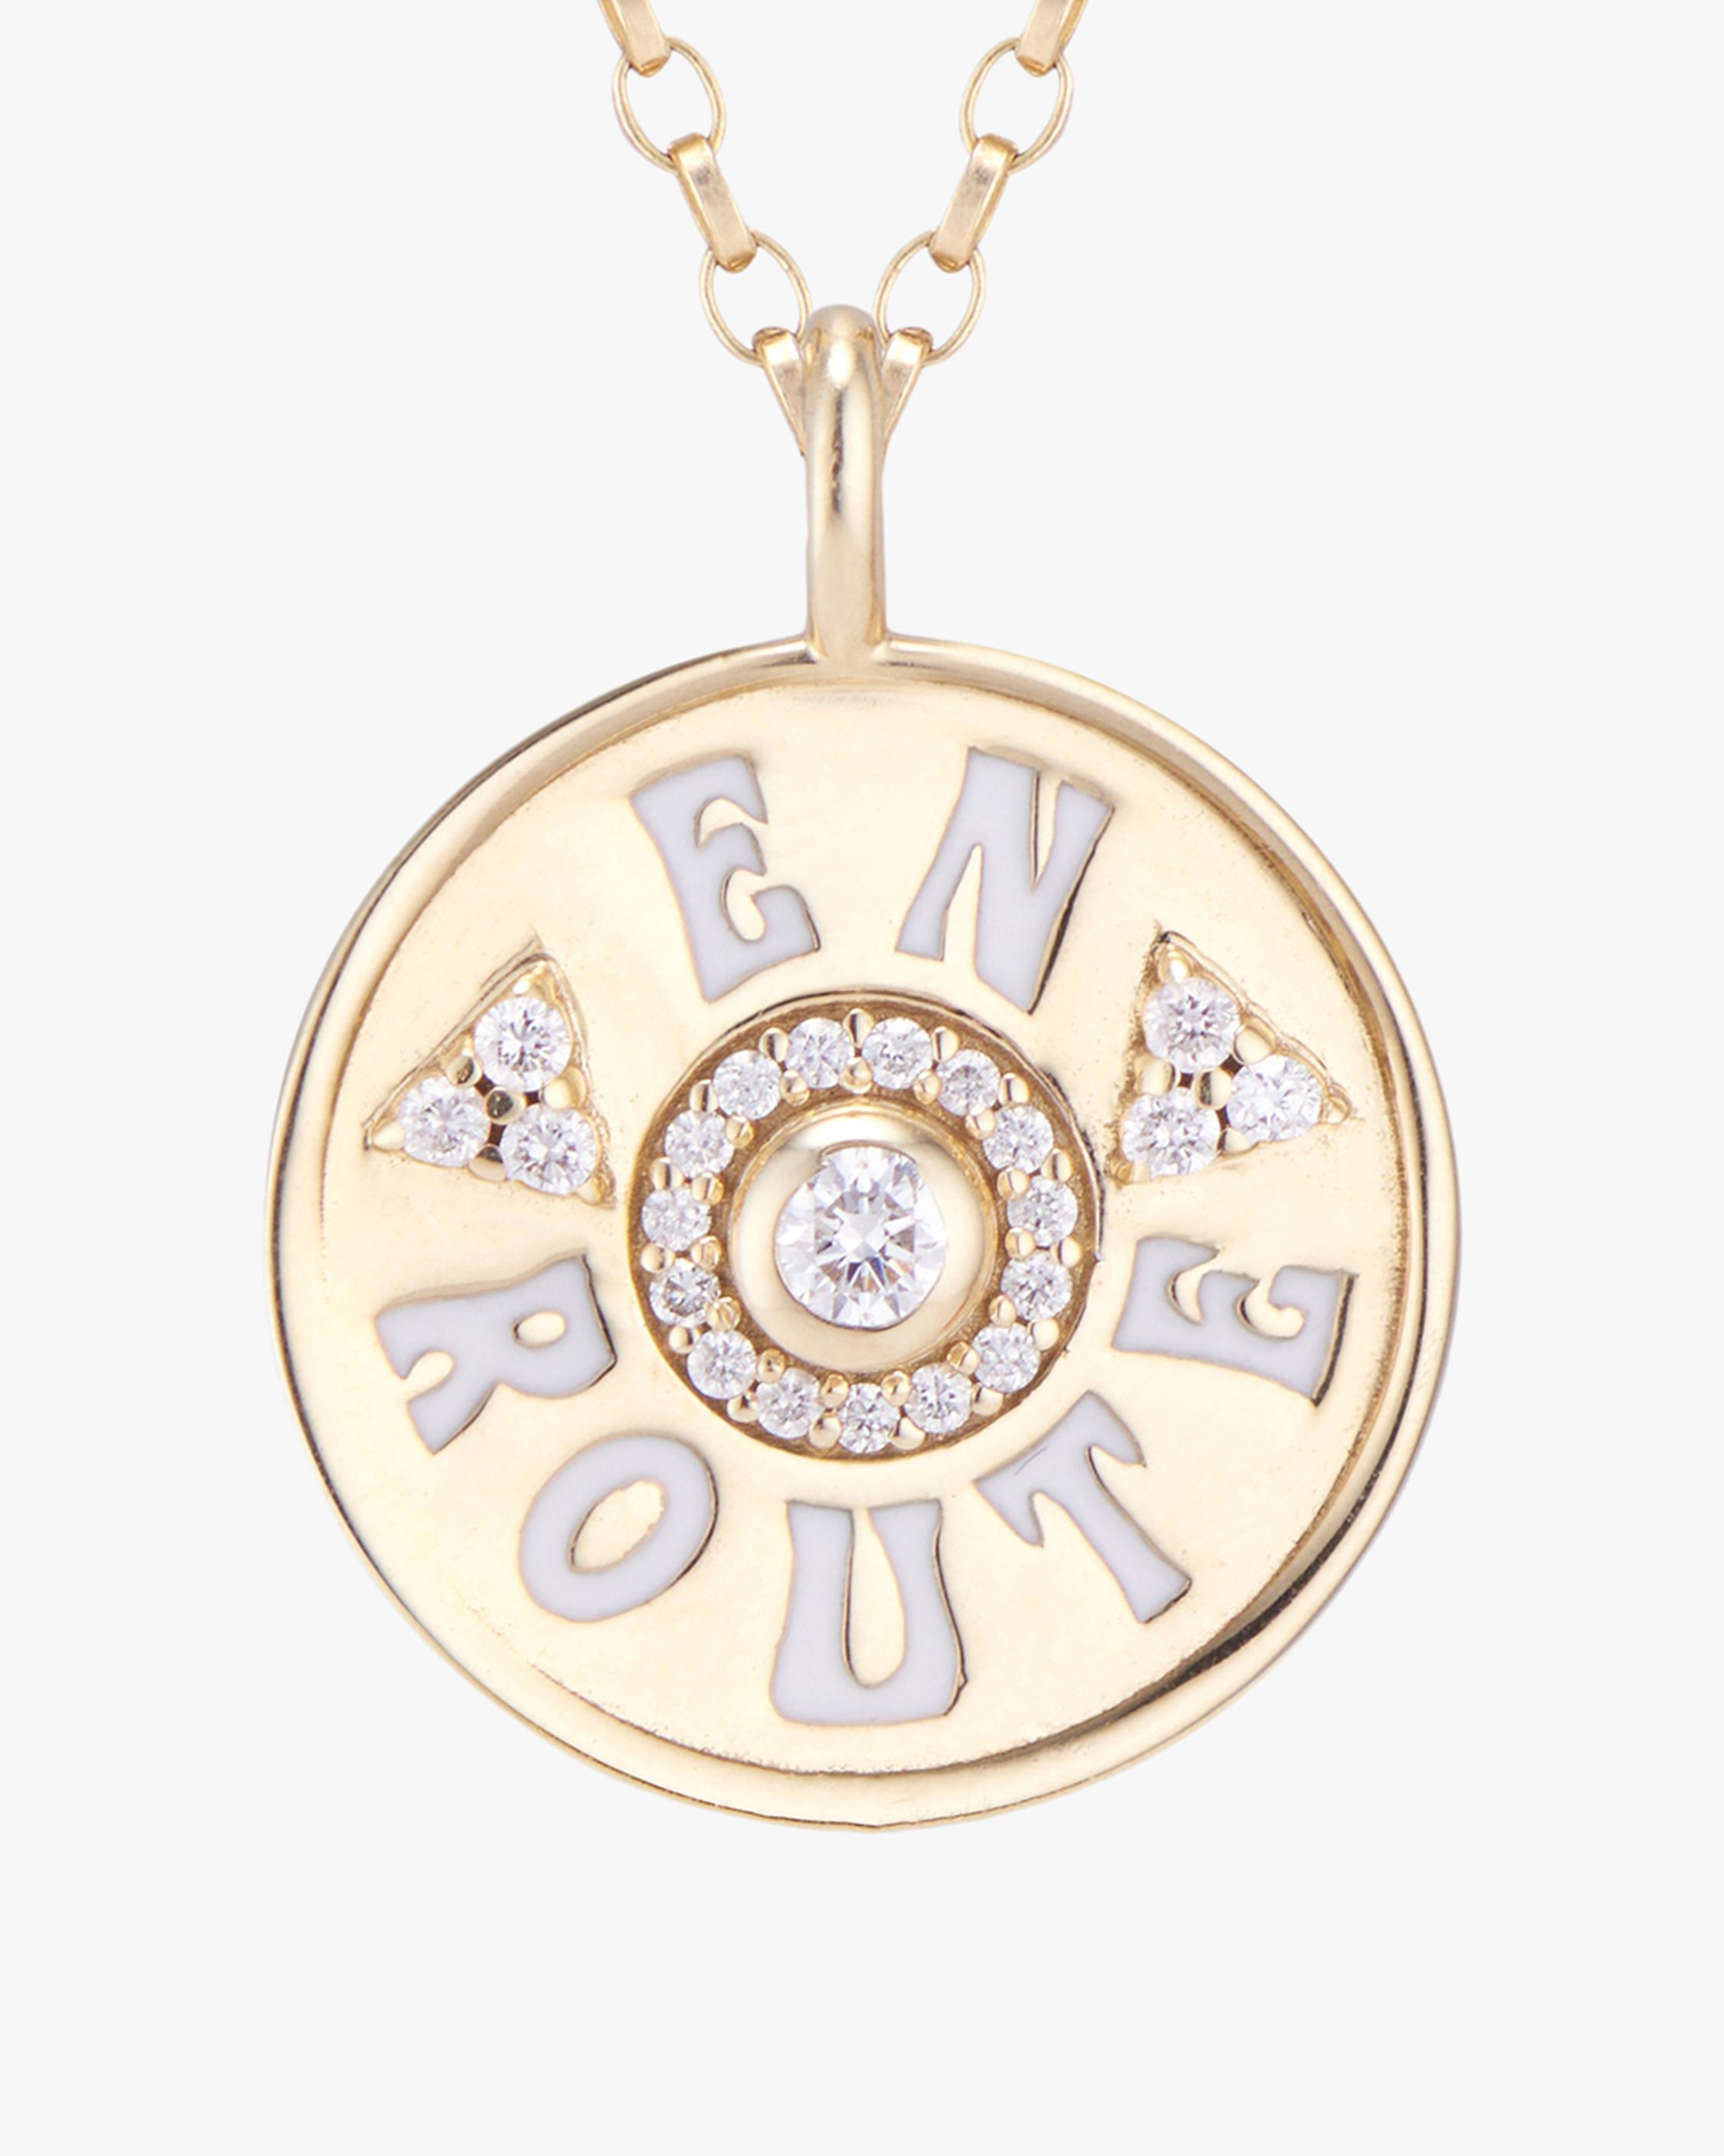 Marlo Laz Mini En Route Coin Pendant Necklace 1